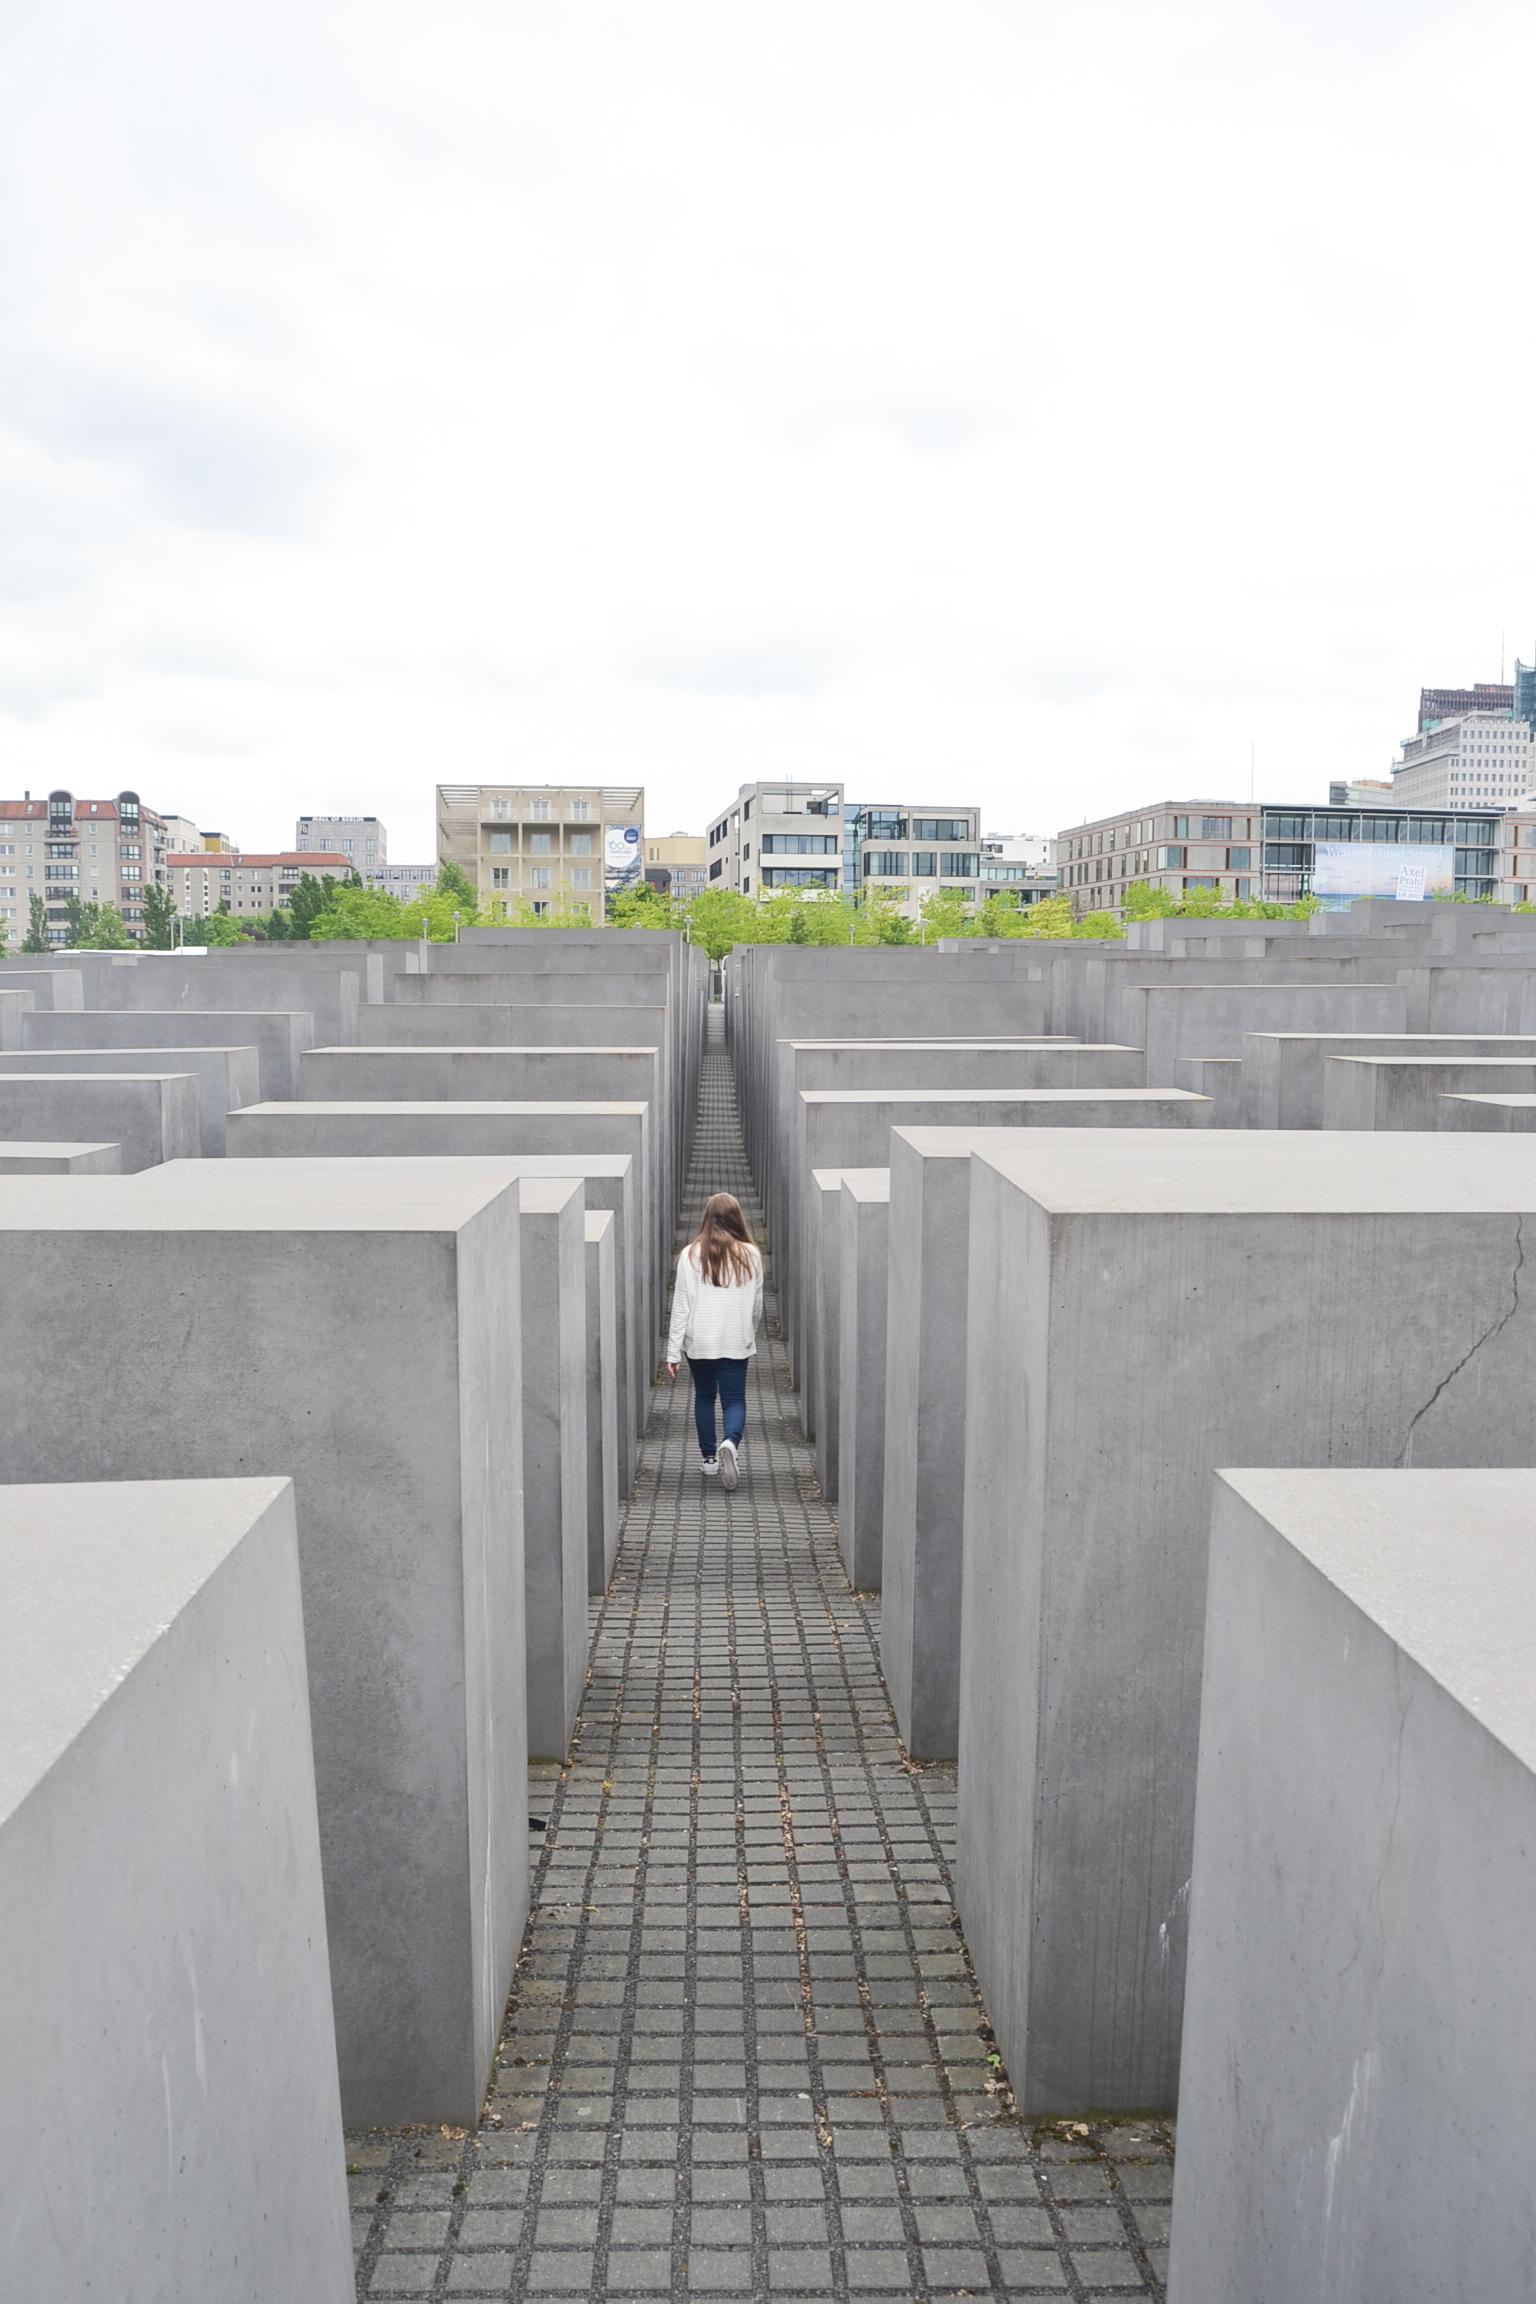 Monumento a los judios de europa asesinados-enmibolso2